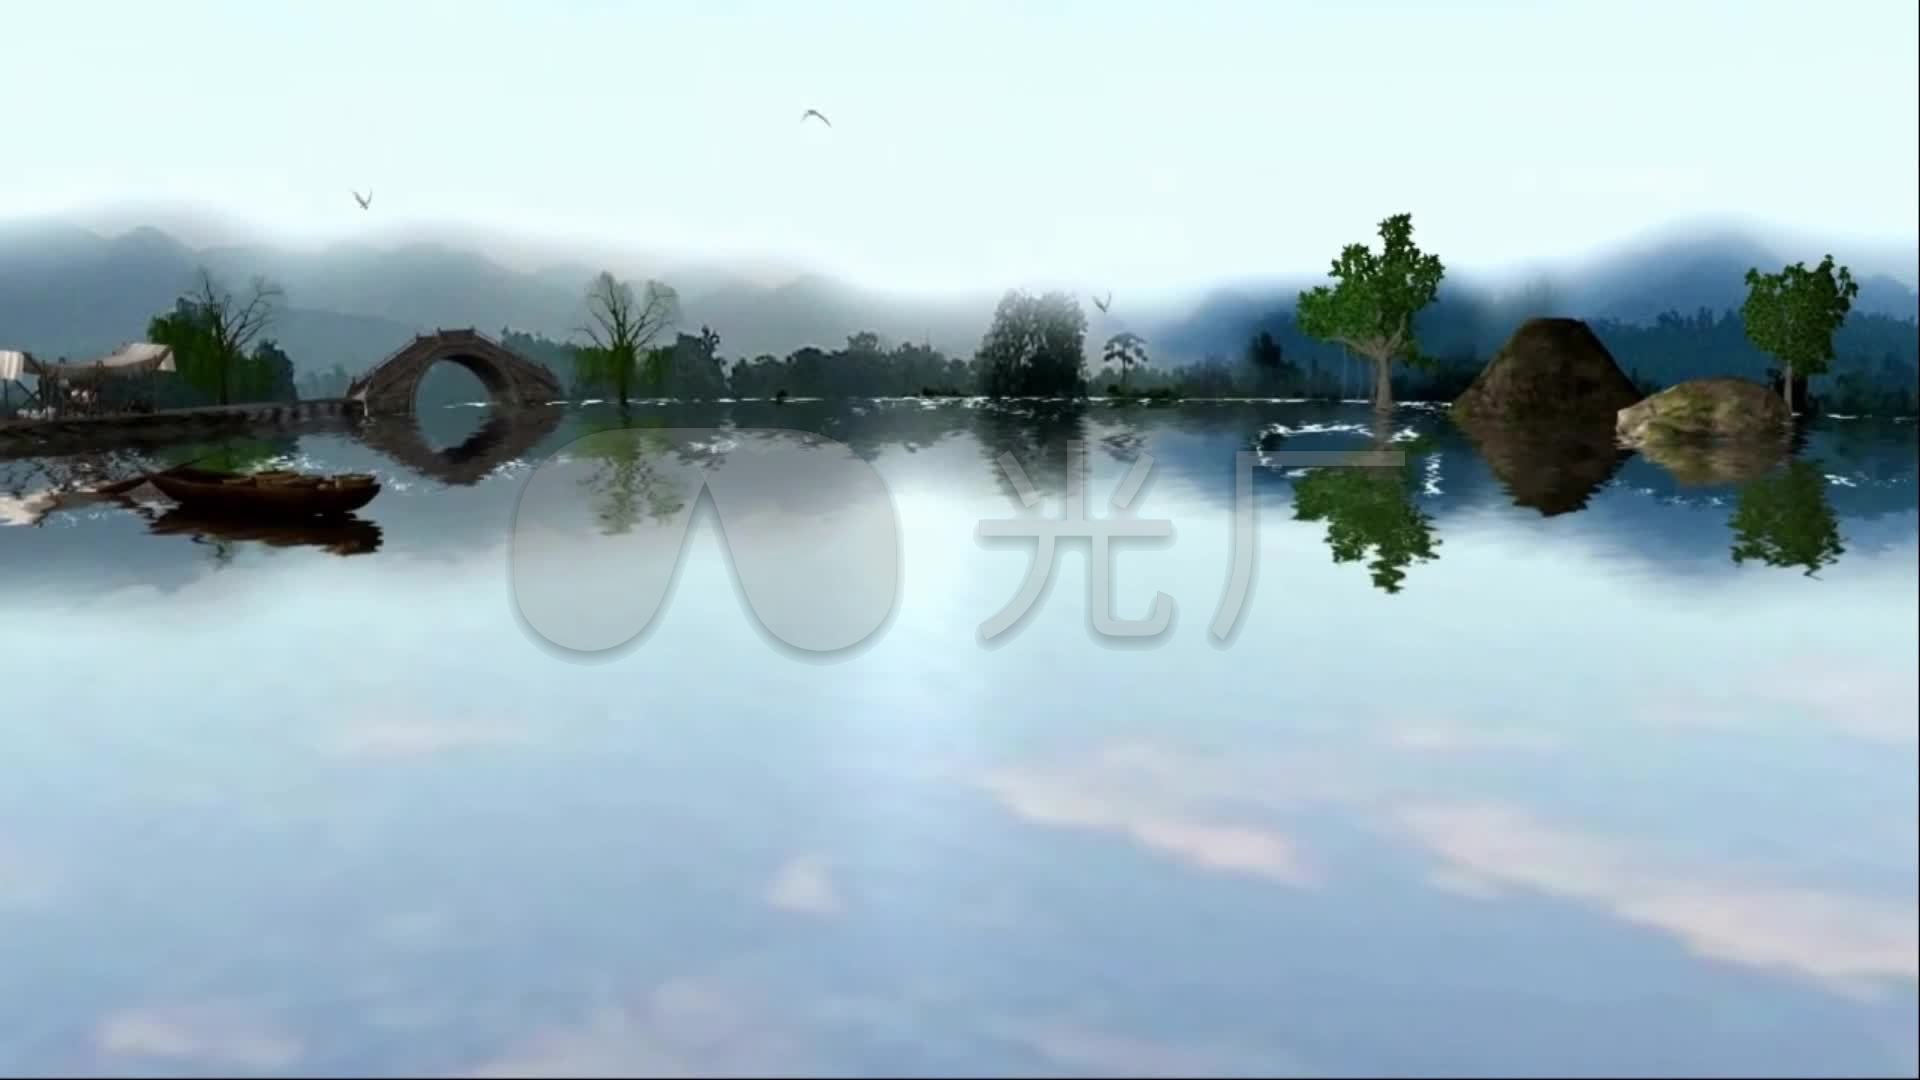 攻略《燕归巢》背景视频_1920X1080_高清视视频歌曲v攻略图片